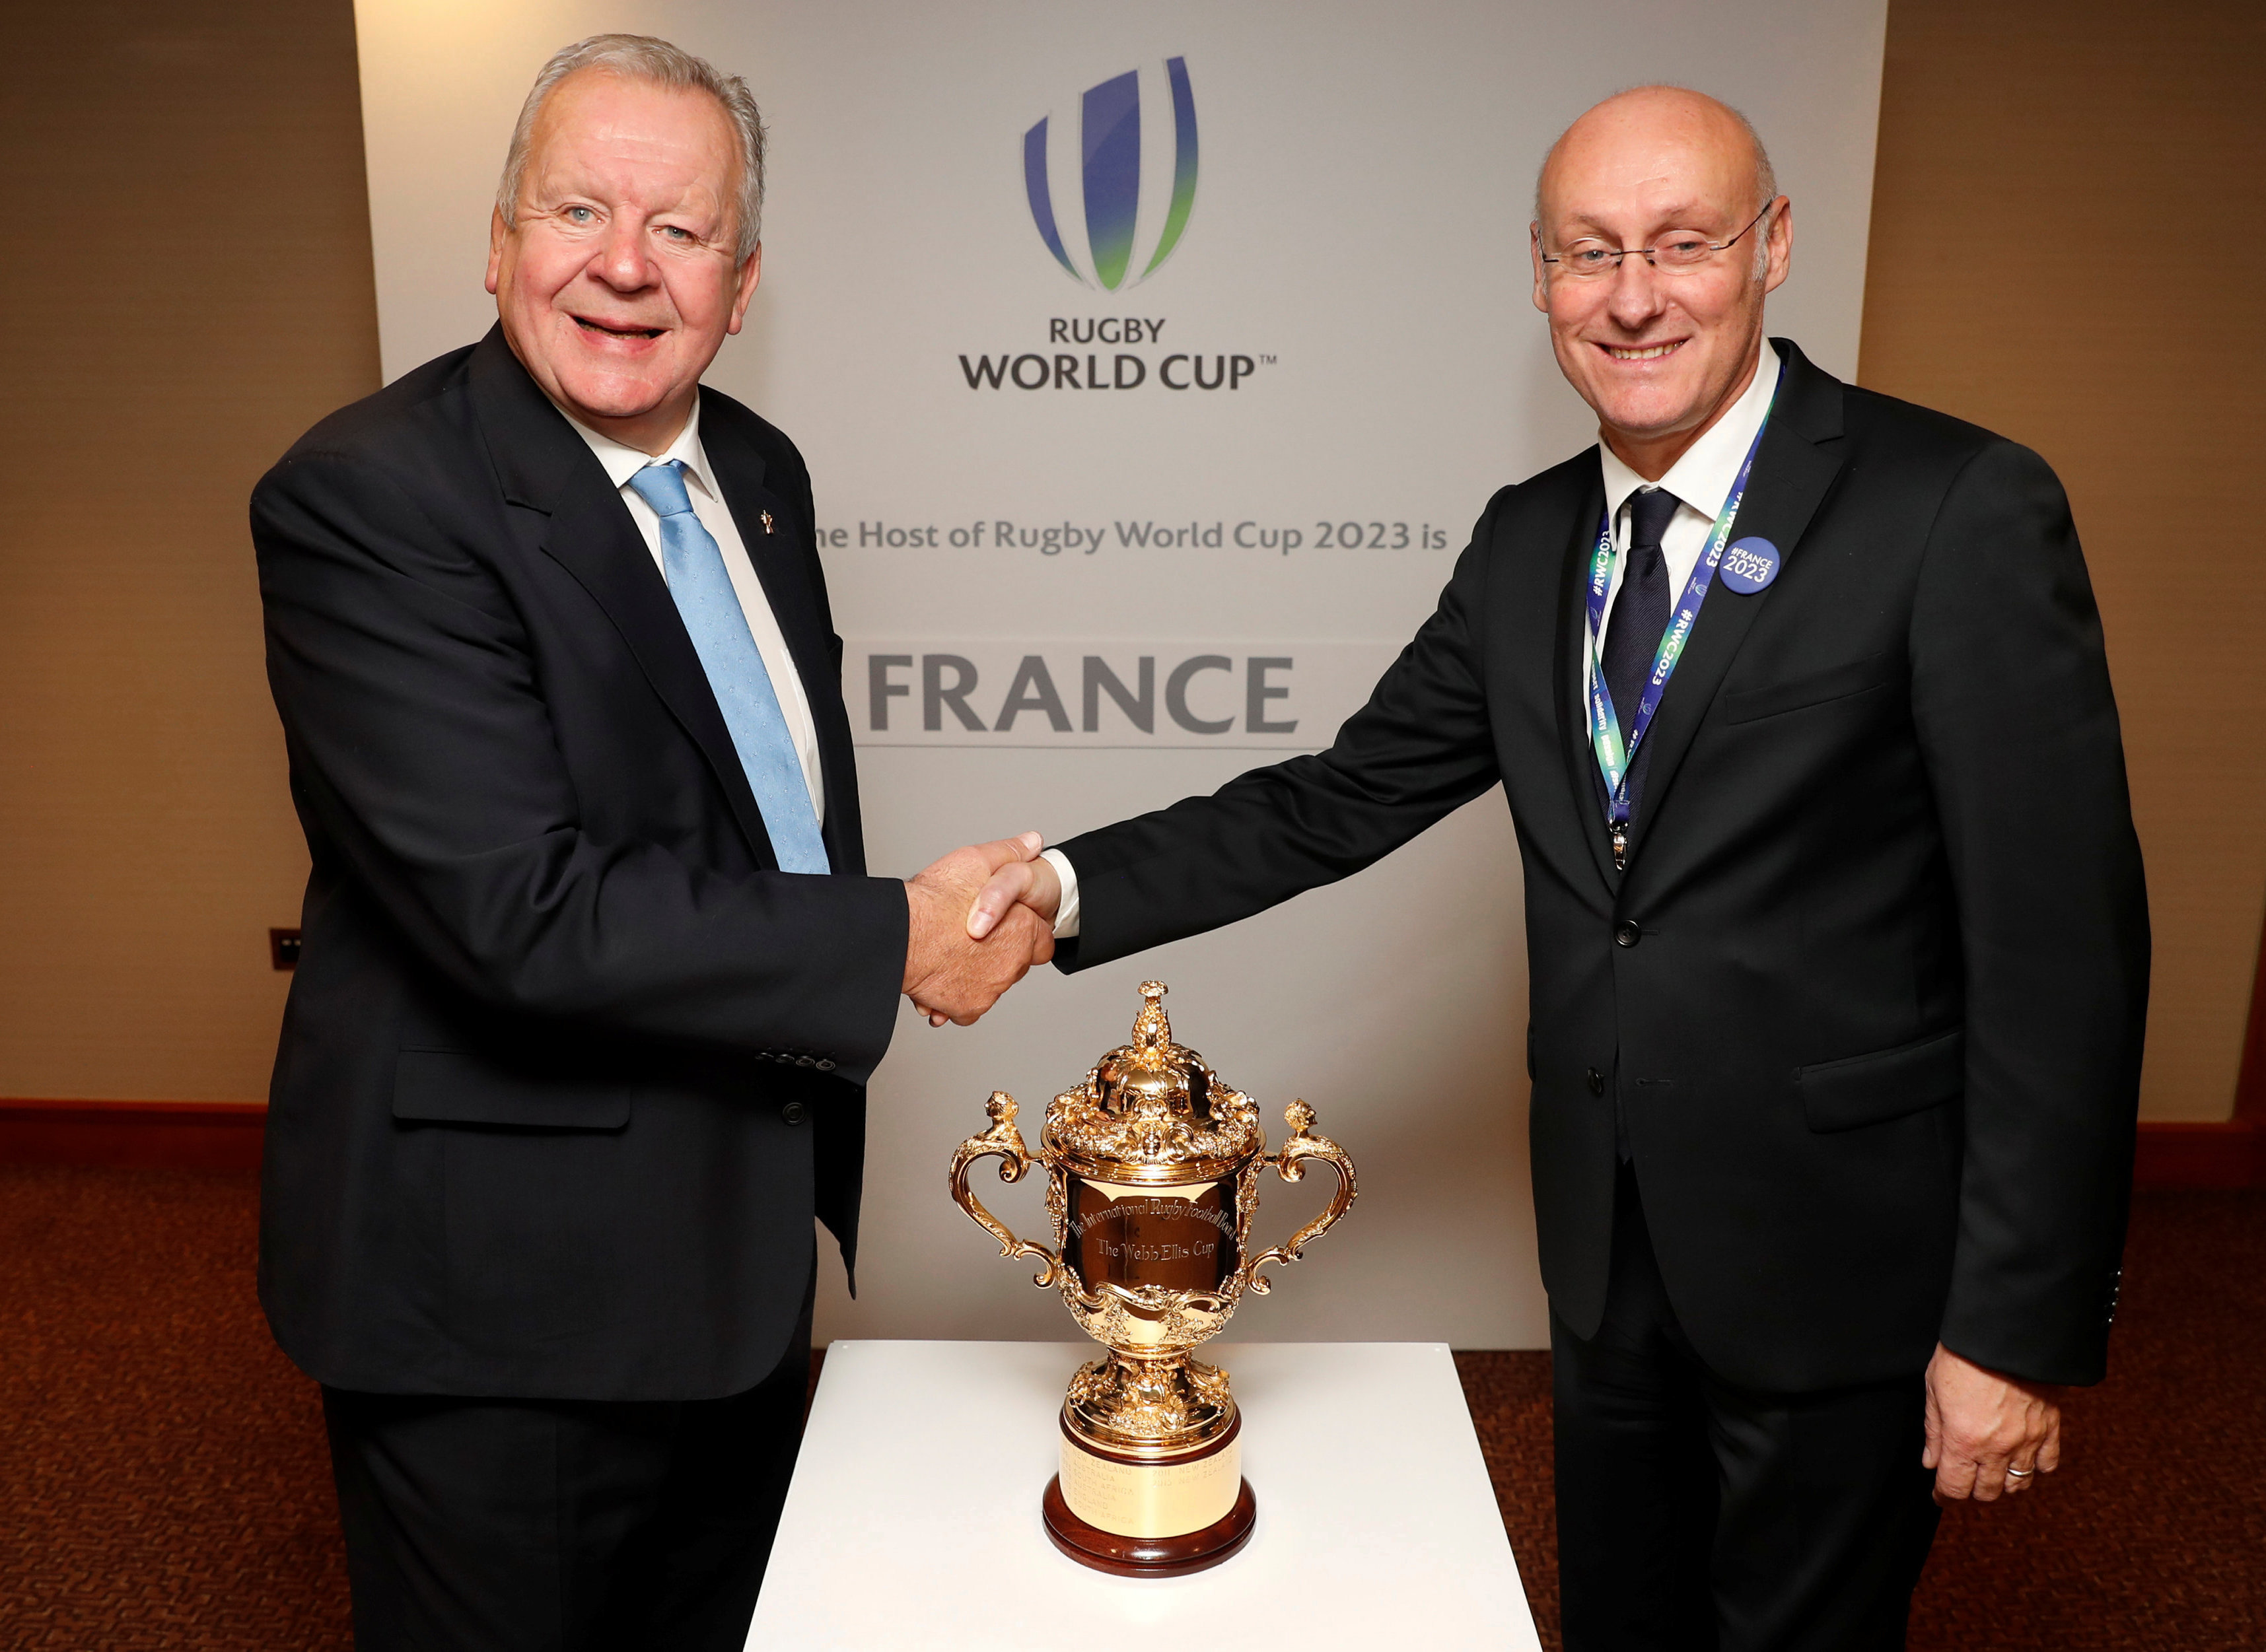 Infos sports en direct : Rugby - </b>Laporte veut créer, avec World Rugby, une Coupe du monde des clubs